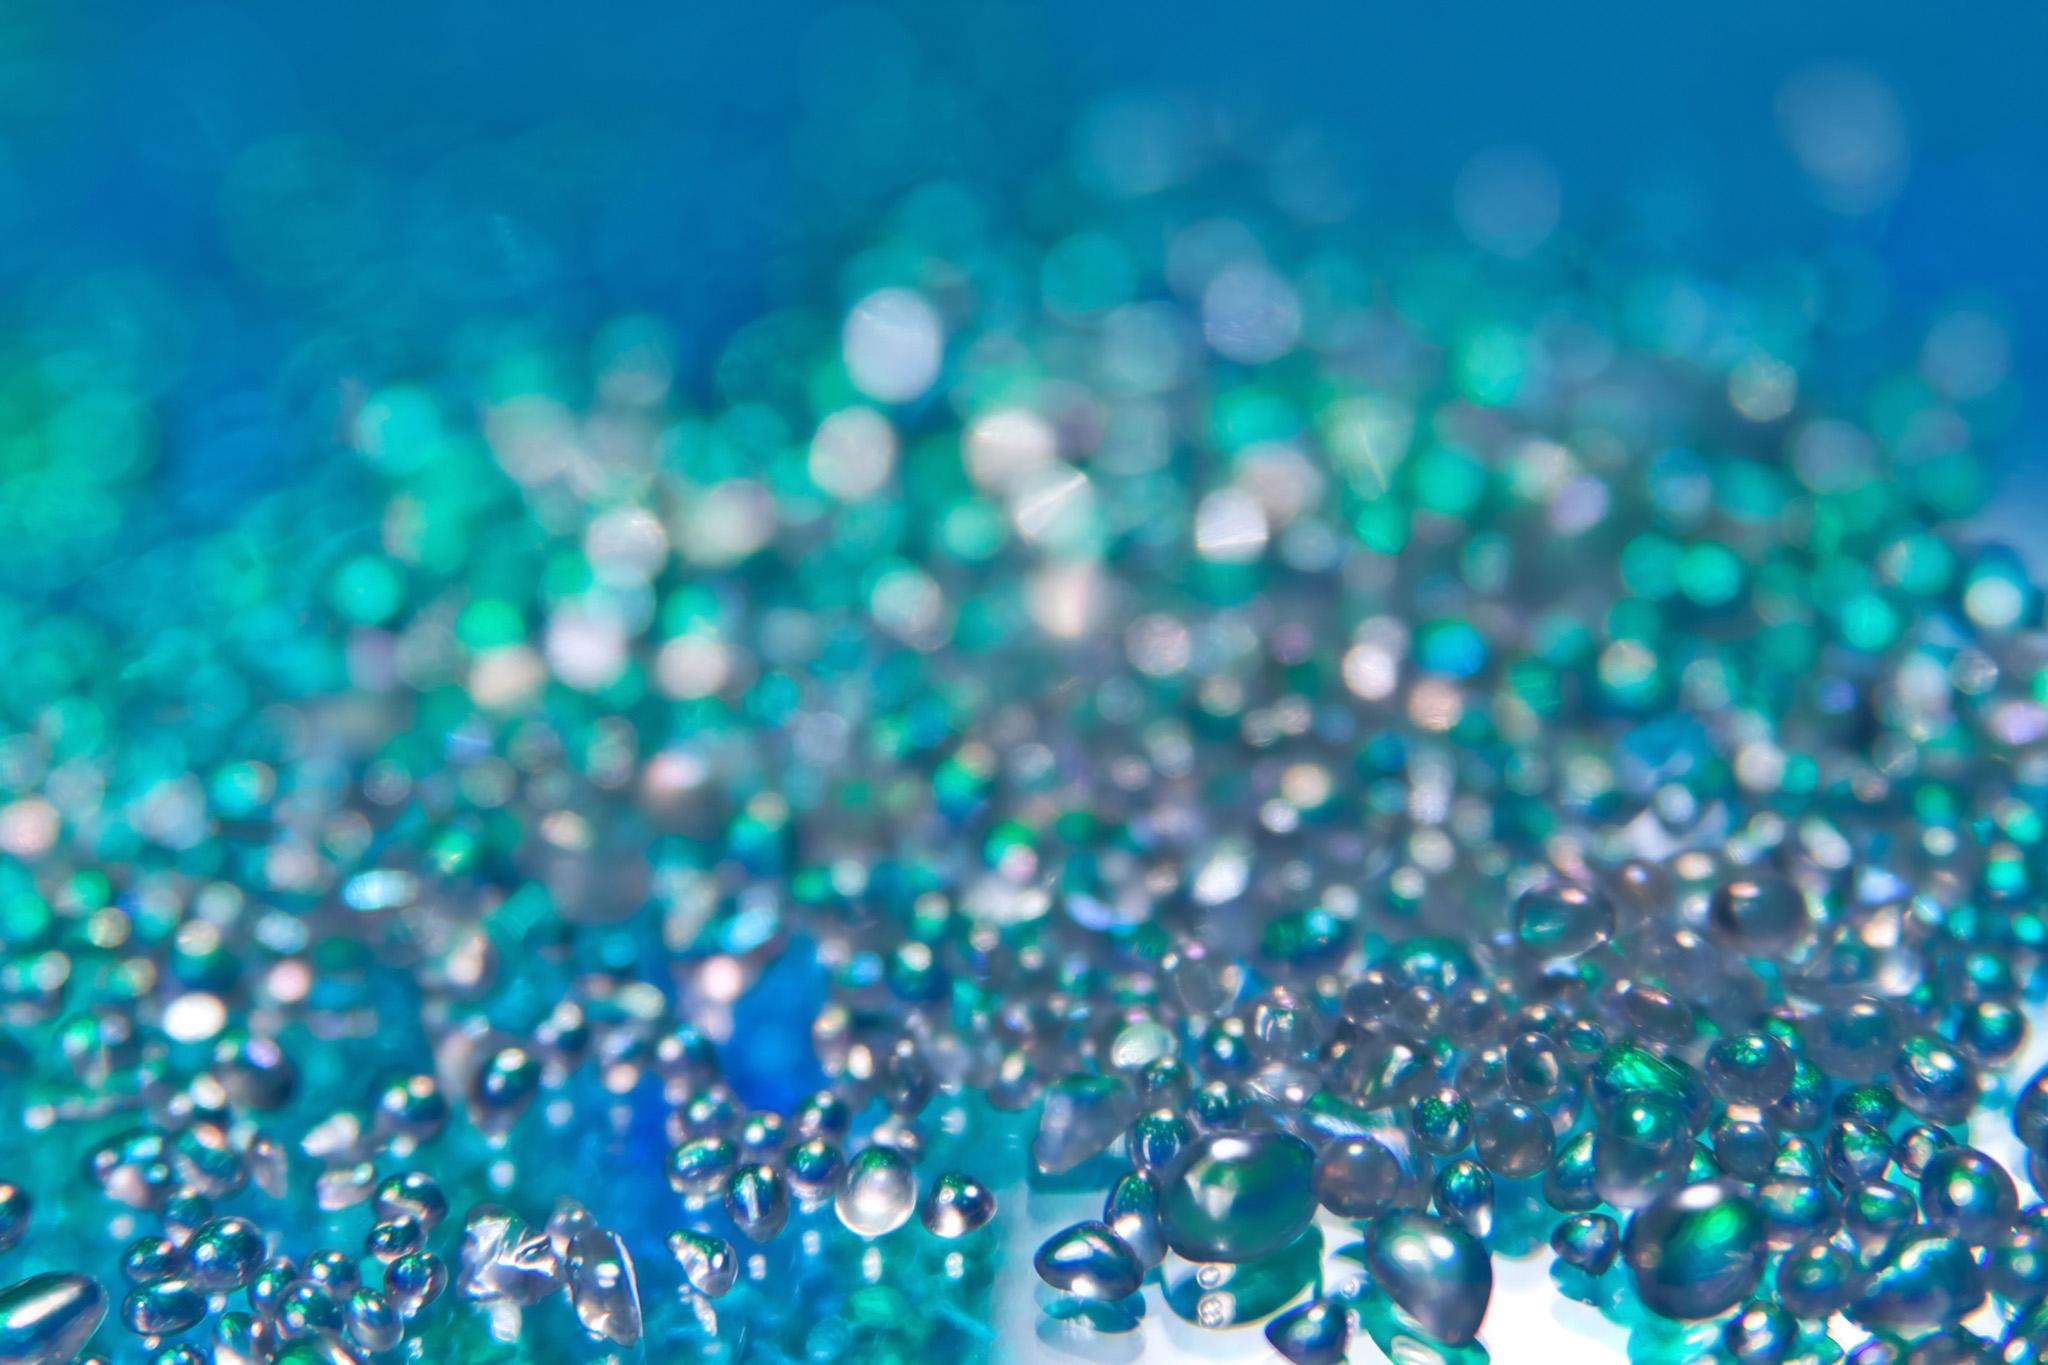 海底に煌めく宝石のようなイメージ